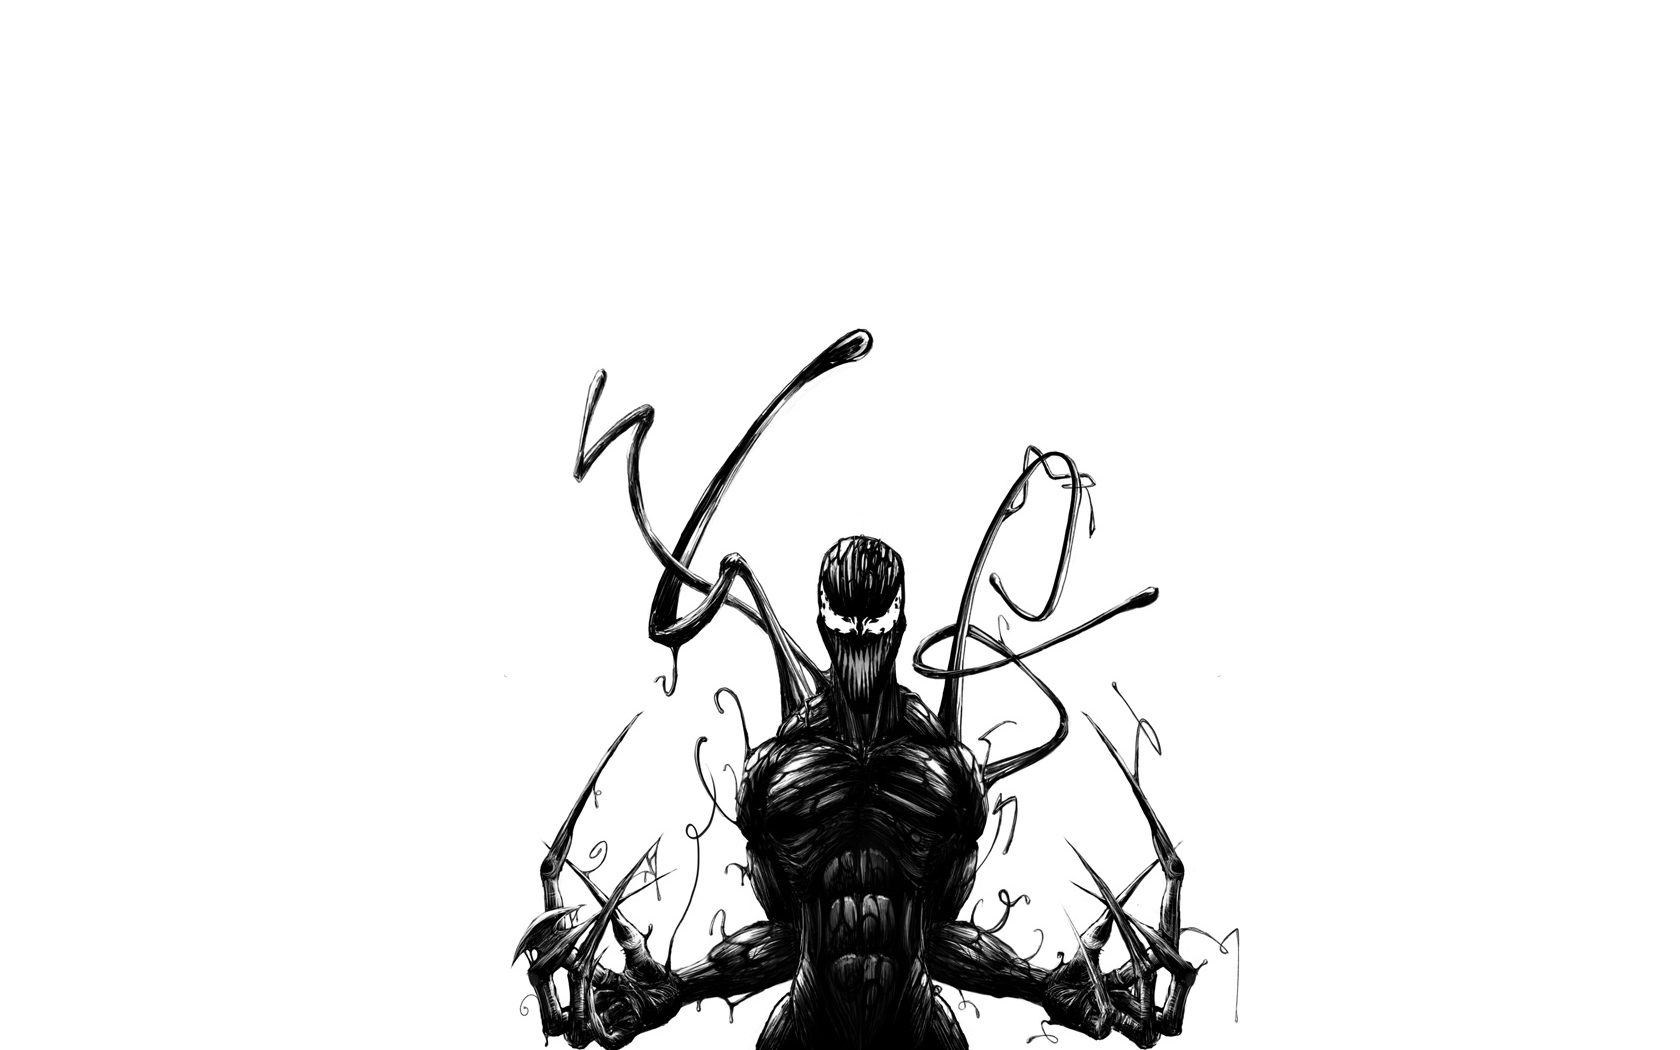 spiderman as venom Wallpaper Background 18883 1680x1050